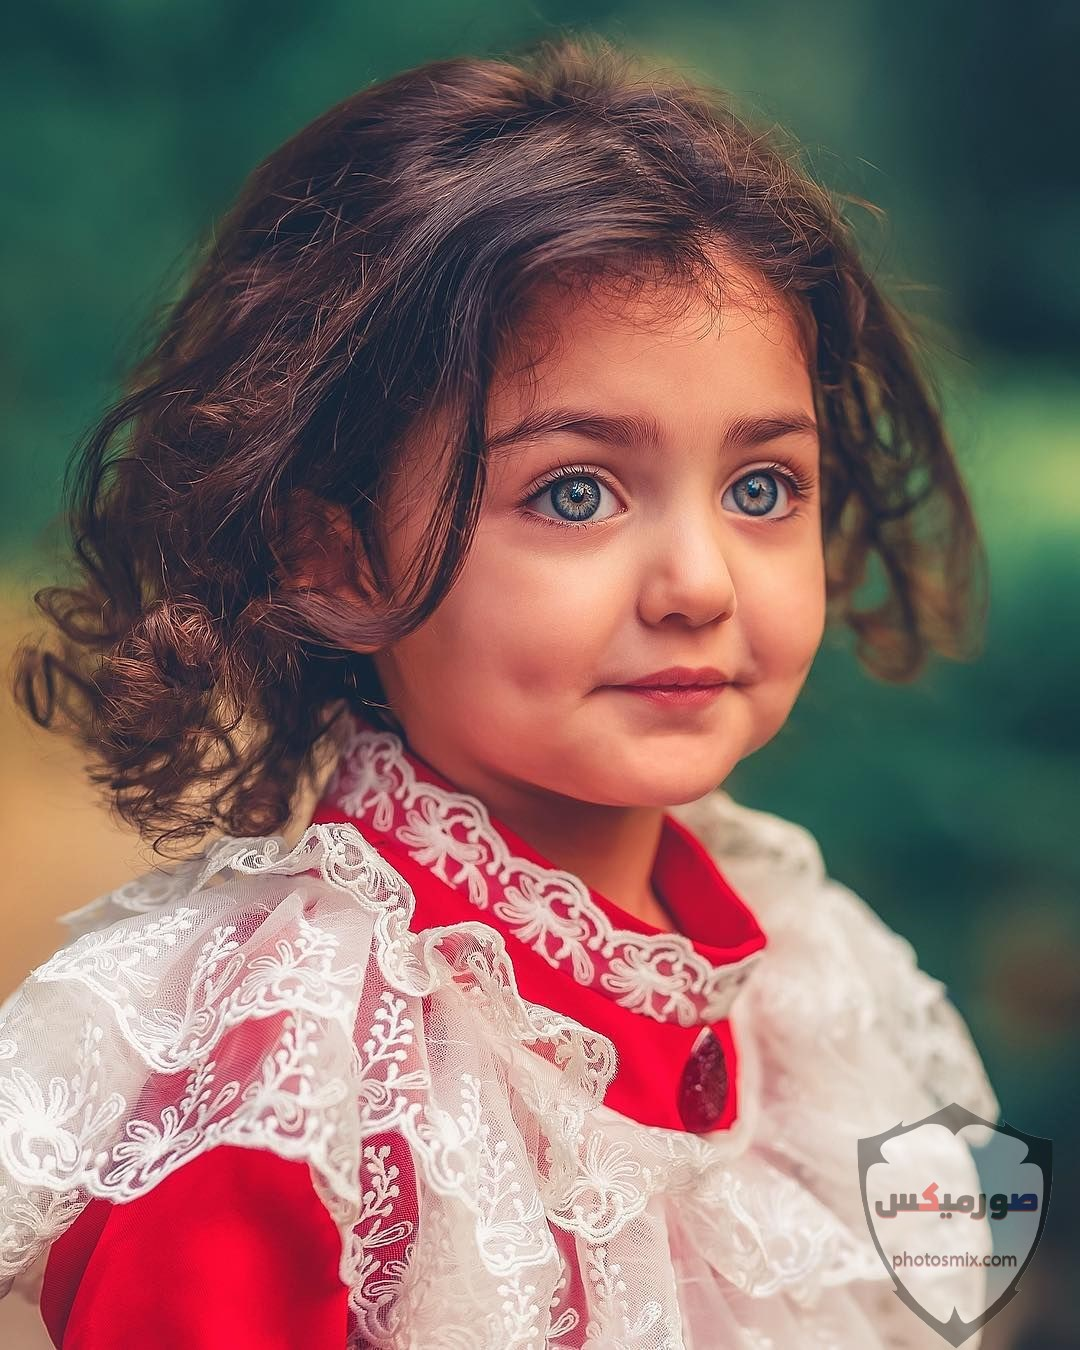 صور اطفال 2021 تحميل اكثر من 100 صور اطفال جميلة صور اطفال روعة 2020 49 1